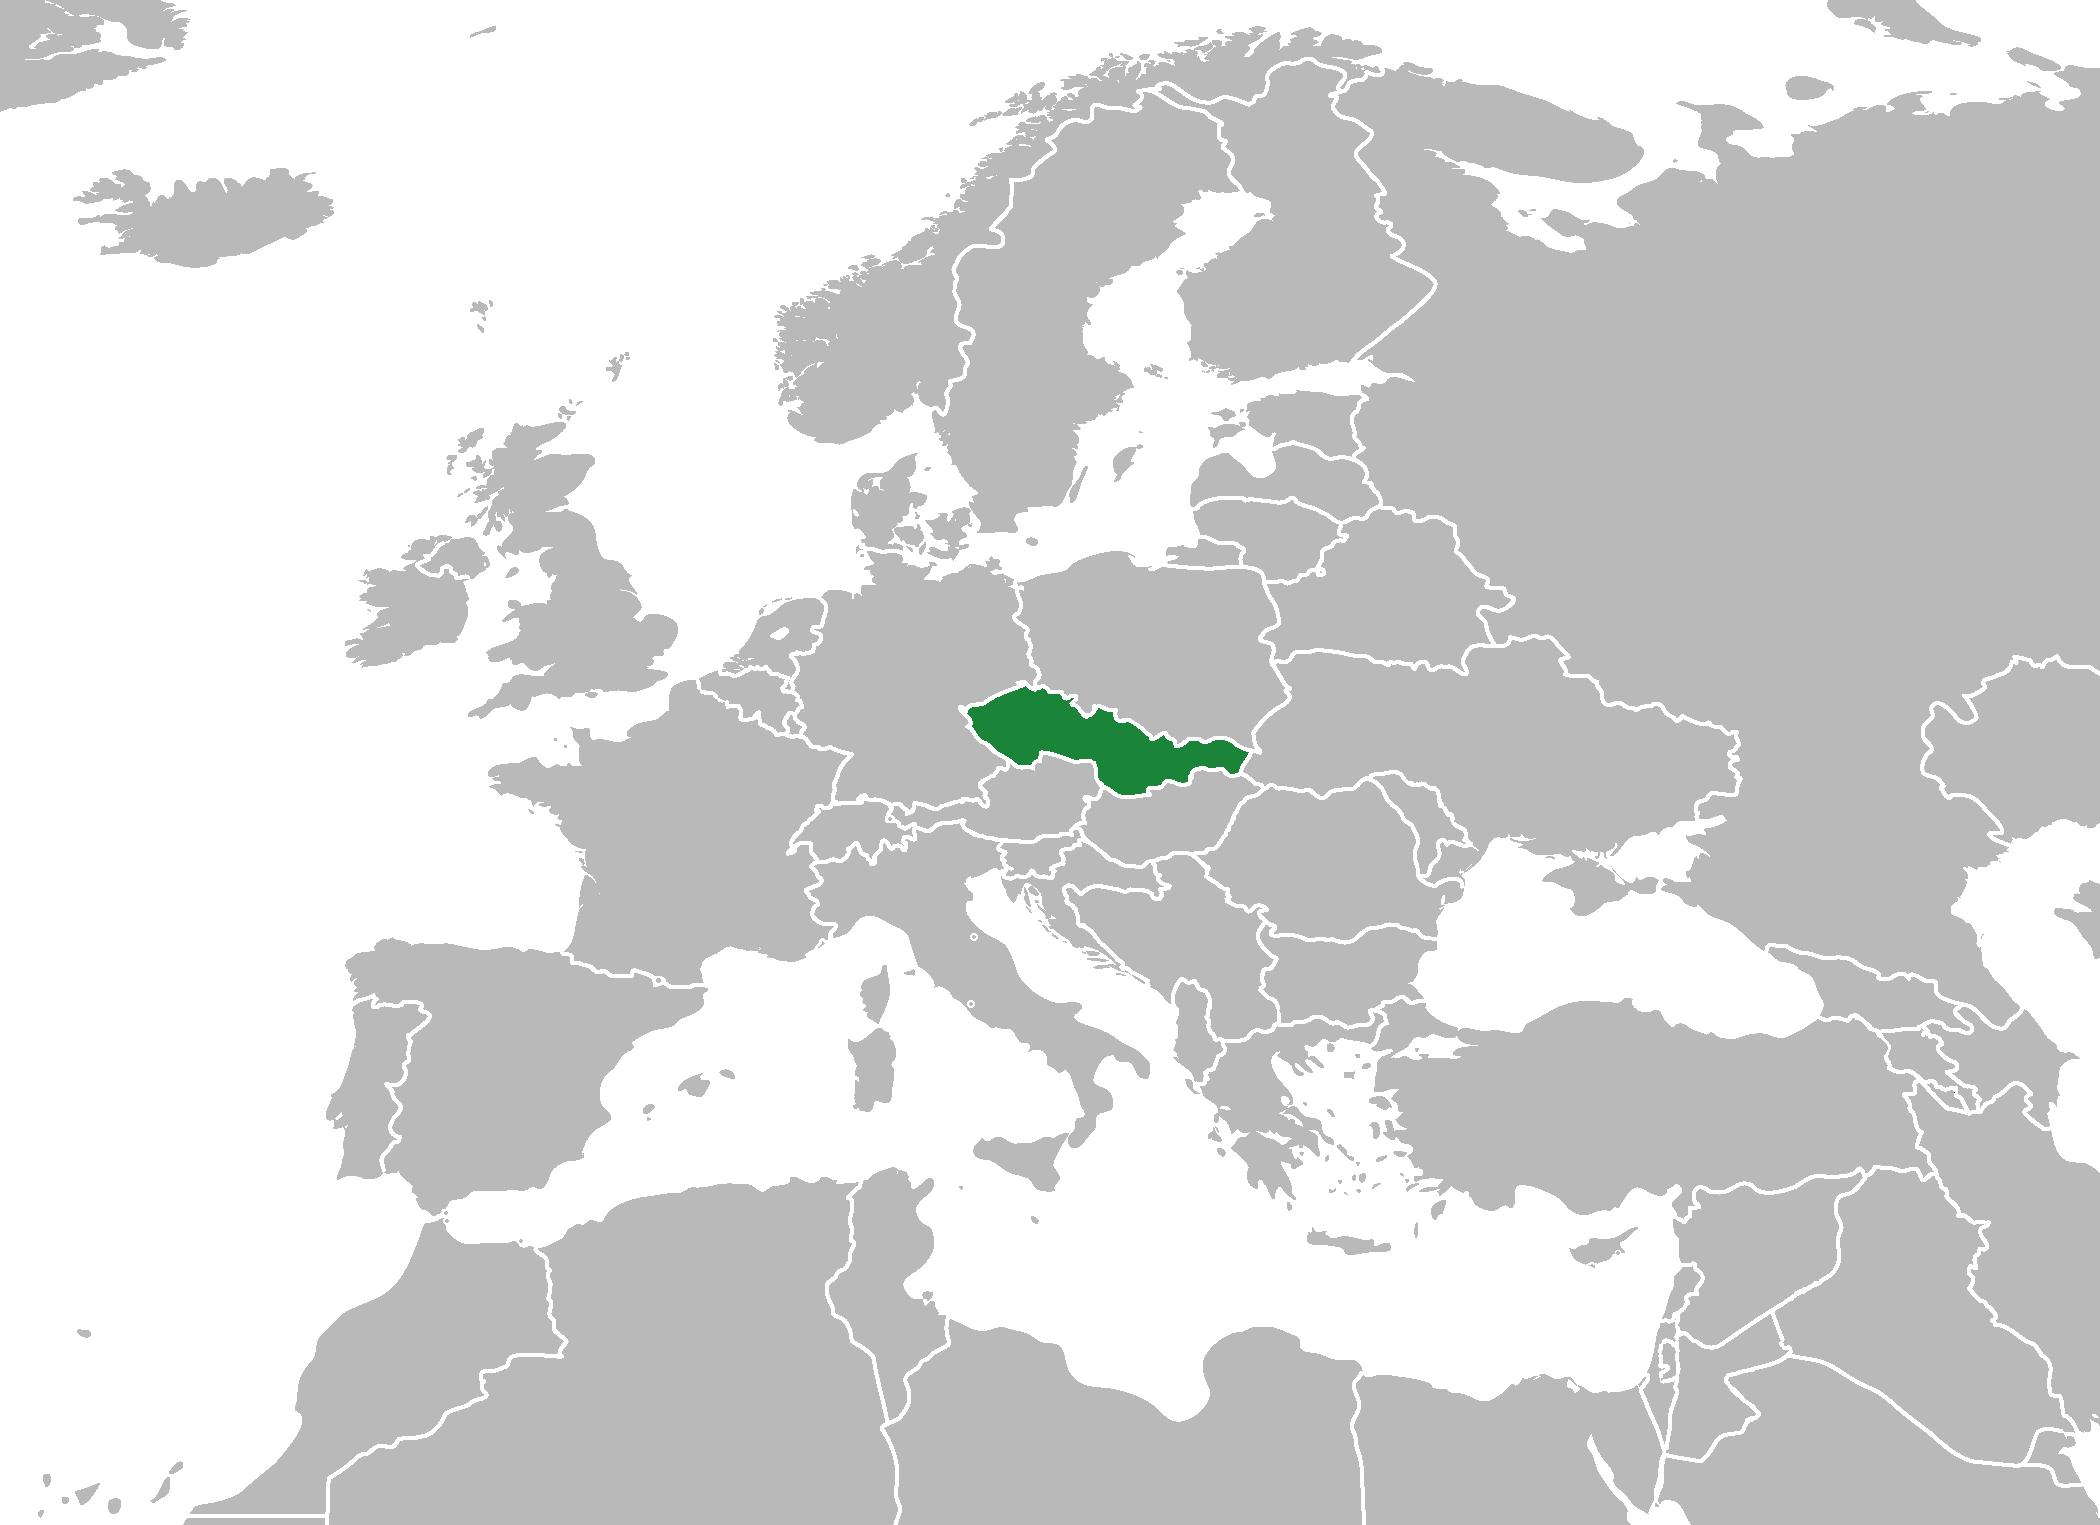 tsjekkoslovakia kart Tsjekkia FAKTA (osteuropa) tsjekkoslovakia kart